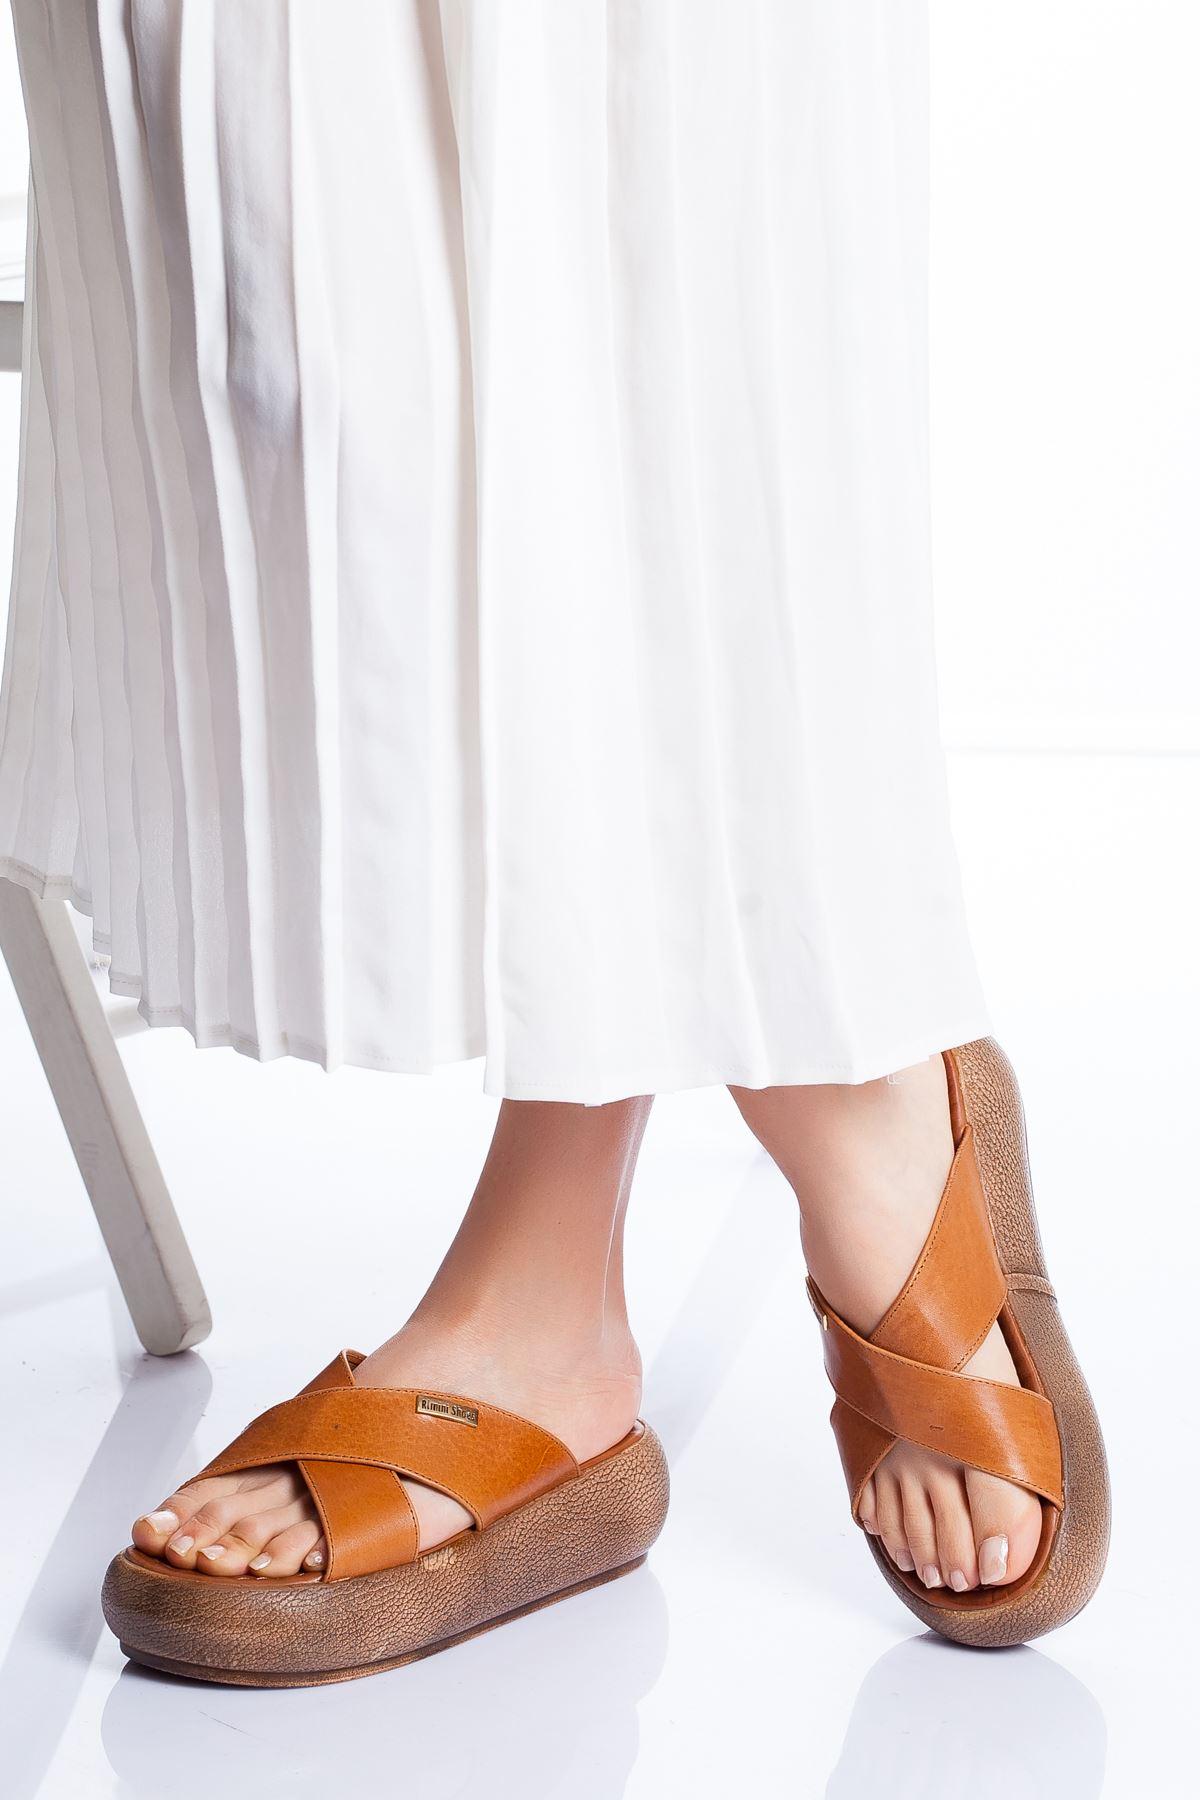 Carey Hakiki Deri Sandalet TABA